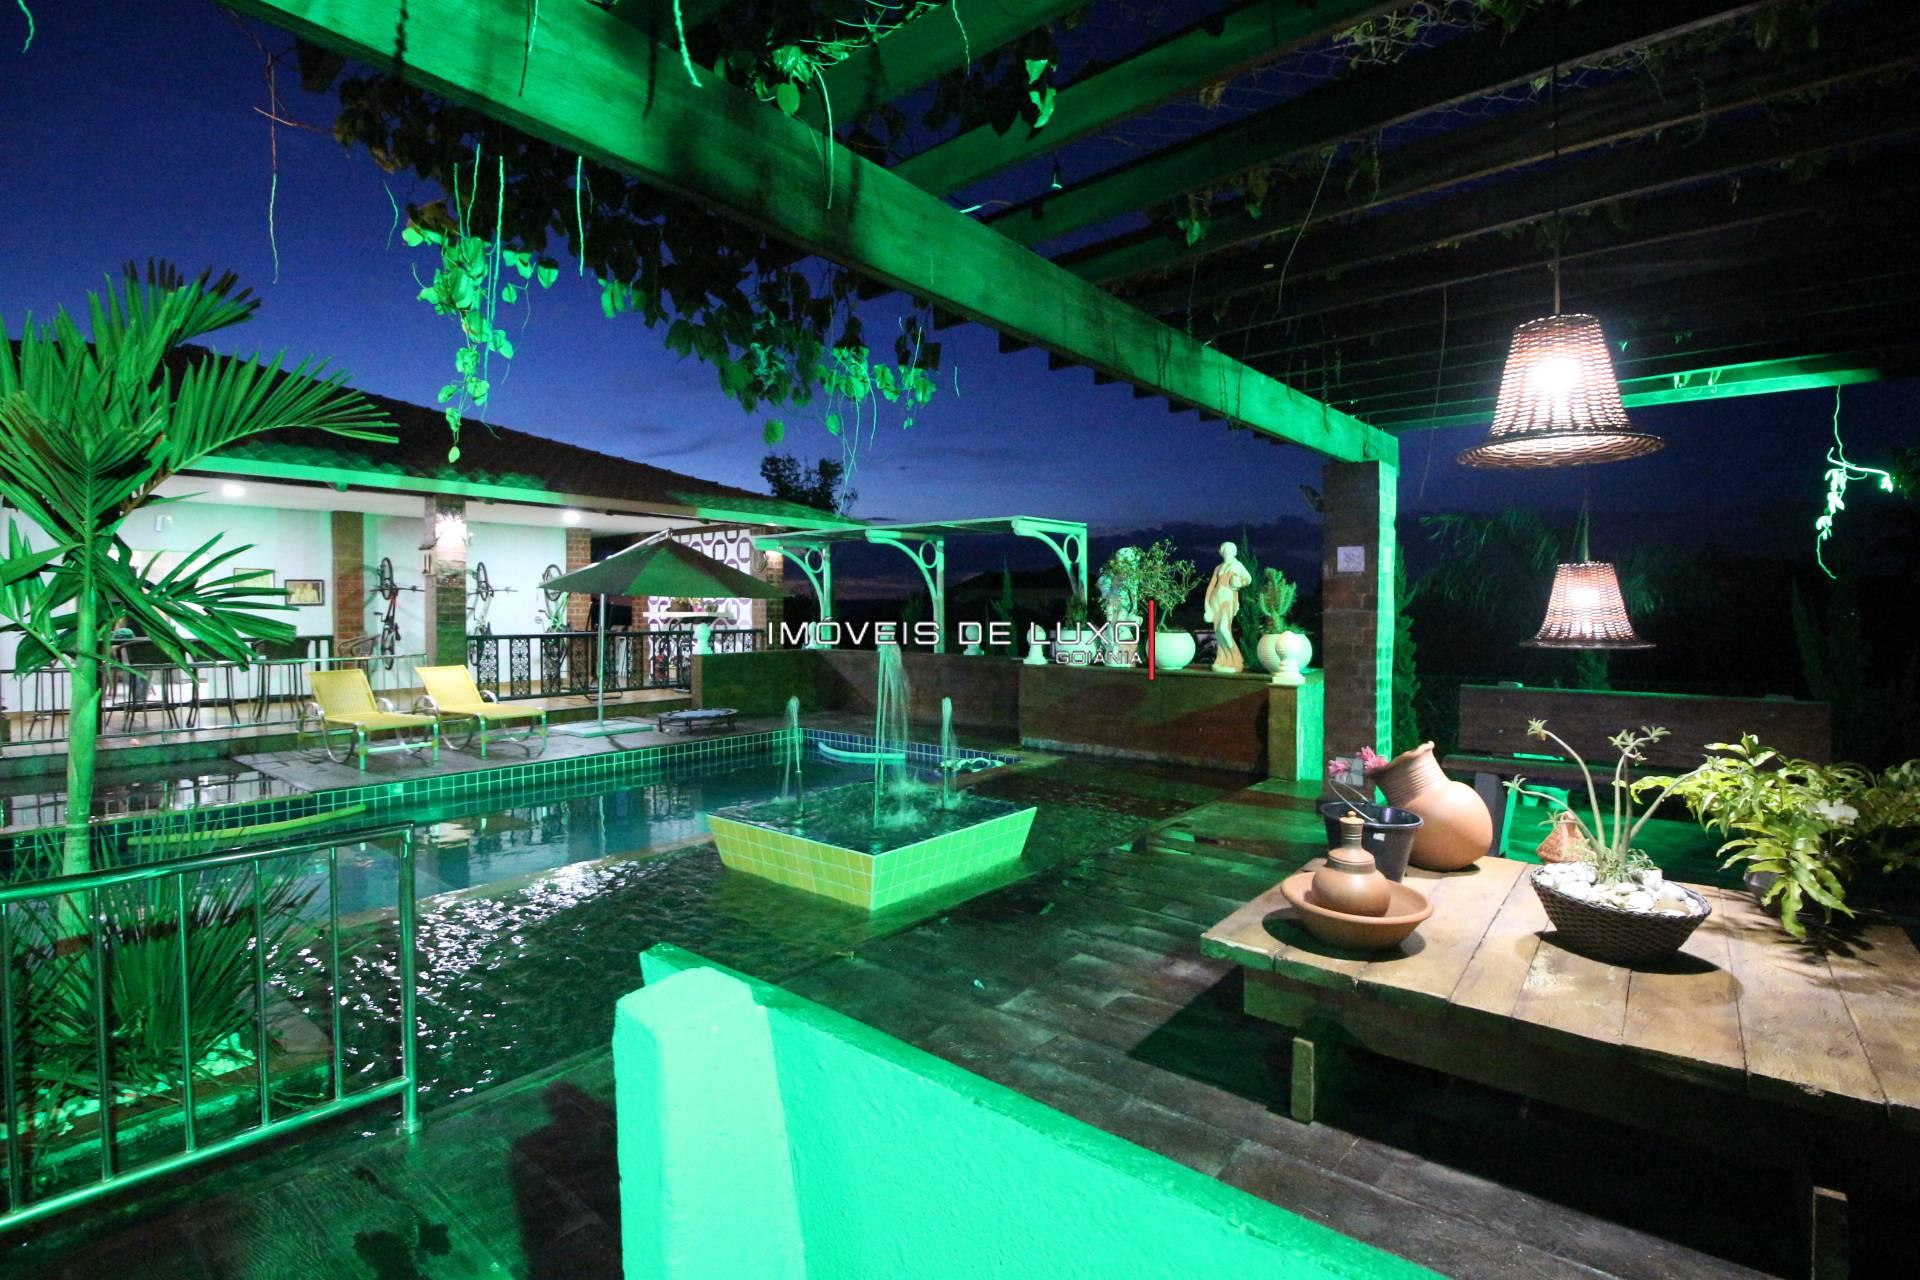 Imóveis de Luxo - Chácara no Condomínio Aguas da Serra Hidrôlandia